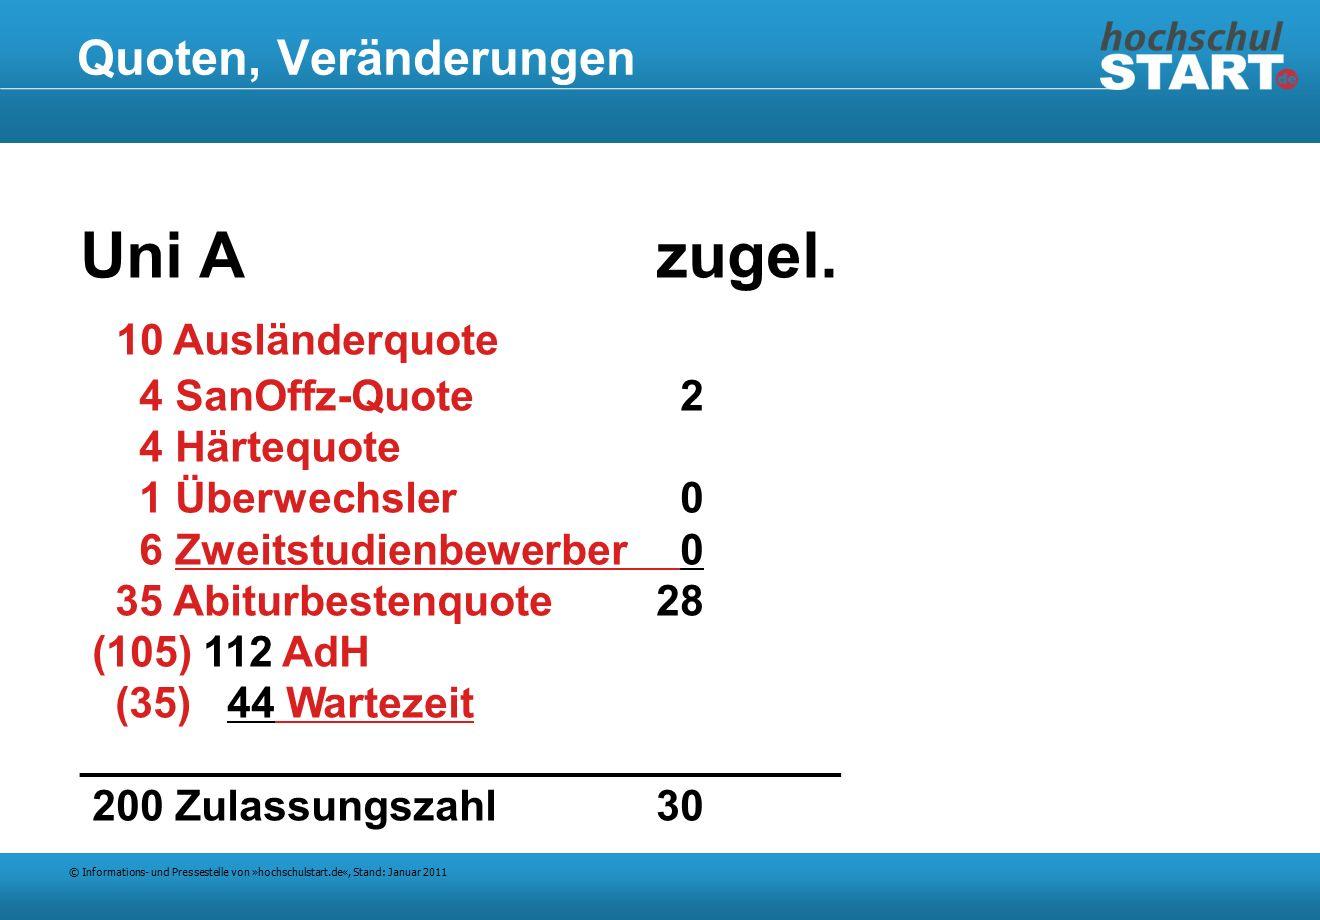 © Informations- und Pressestelle von »hochschulstart.de«, Stand: Januar 2011 Quoten, Veränderungen Uni Azugel.